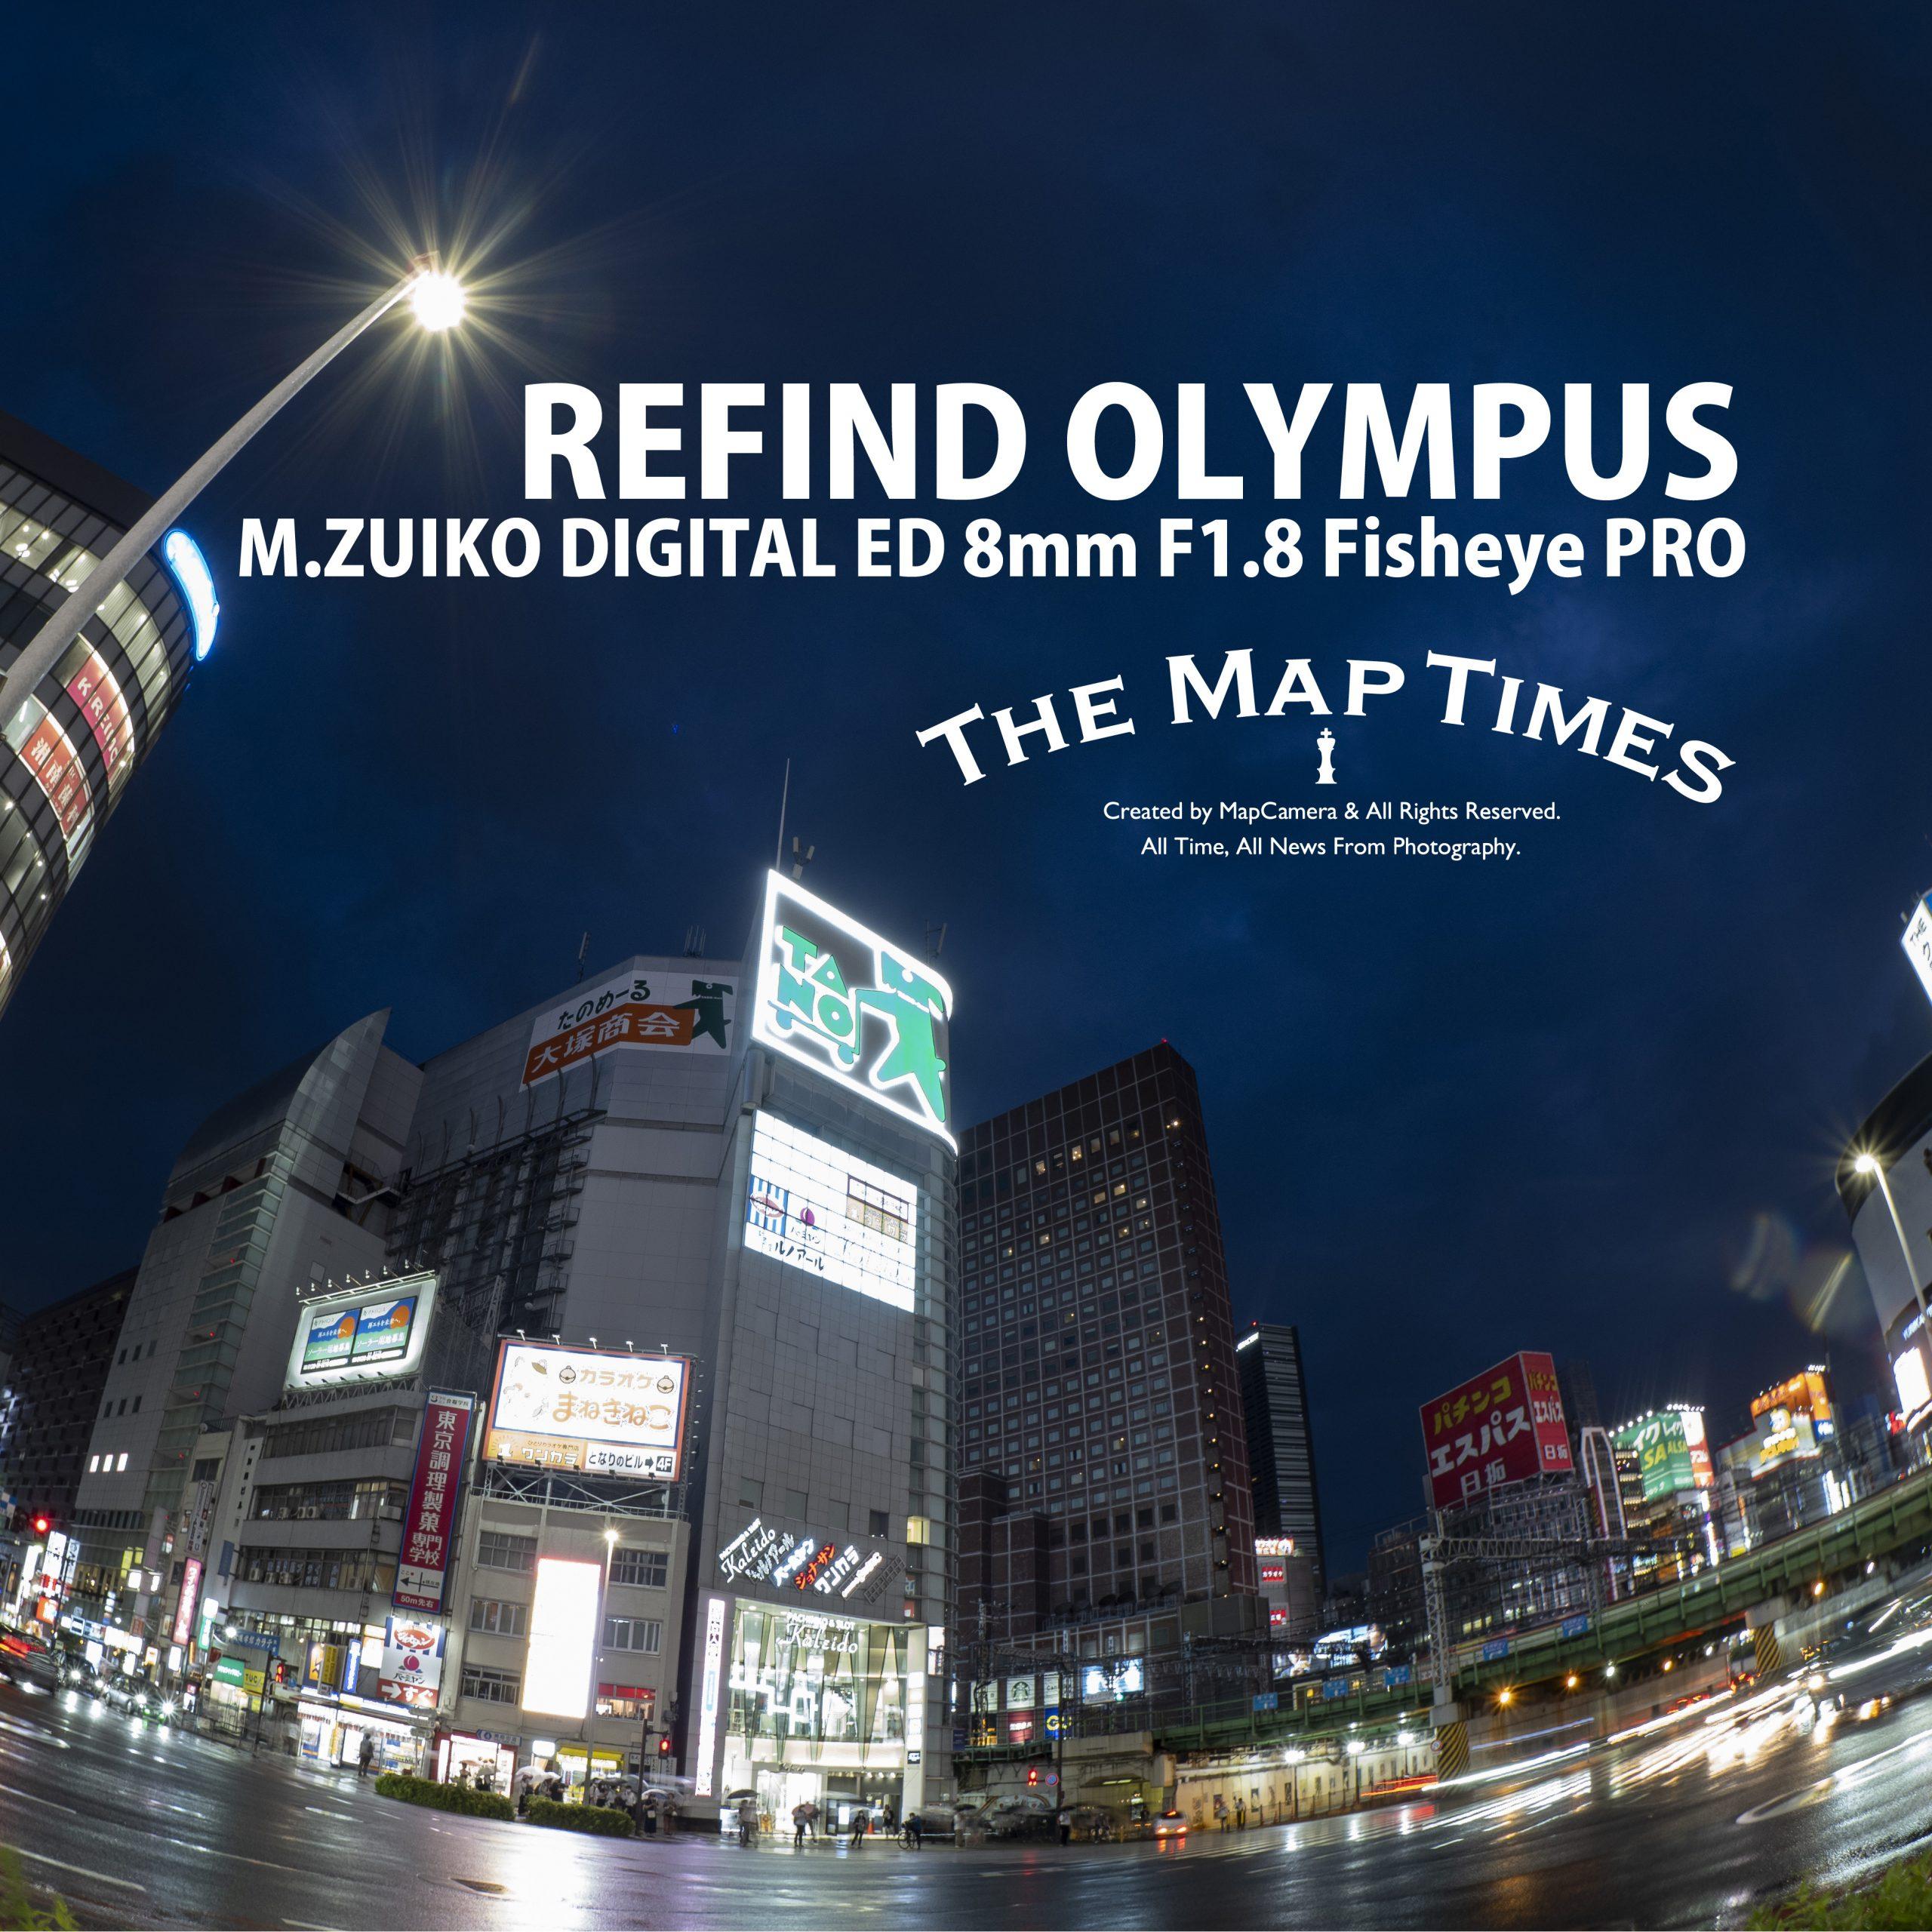 """【OLYMPUS】REFIND OLYMPUS """"M.ZUIKO DIGITAL ED 8mm F1.8 Fisheye PRO"""""""